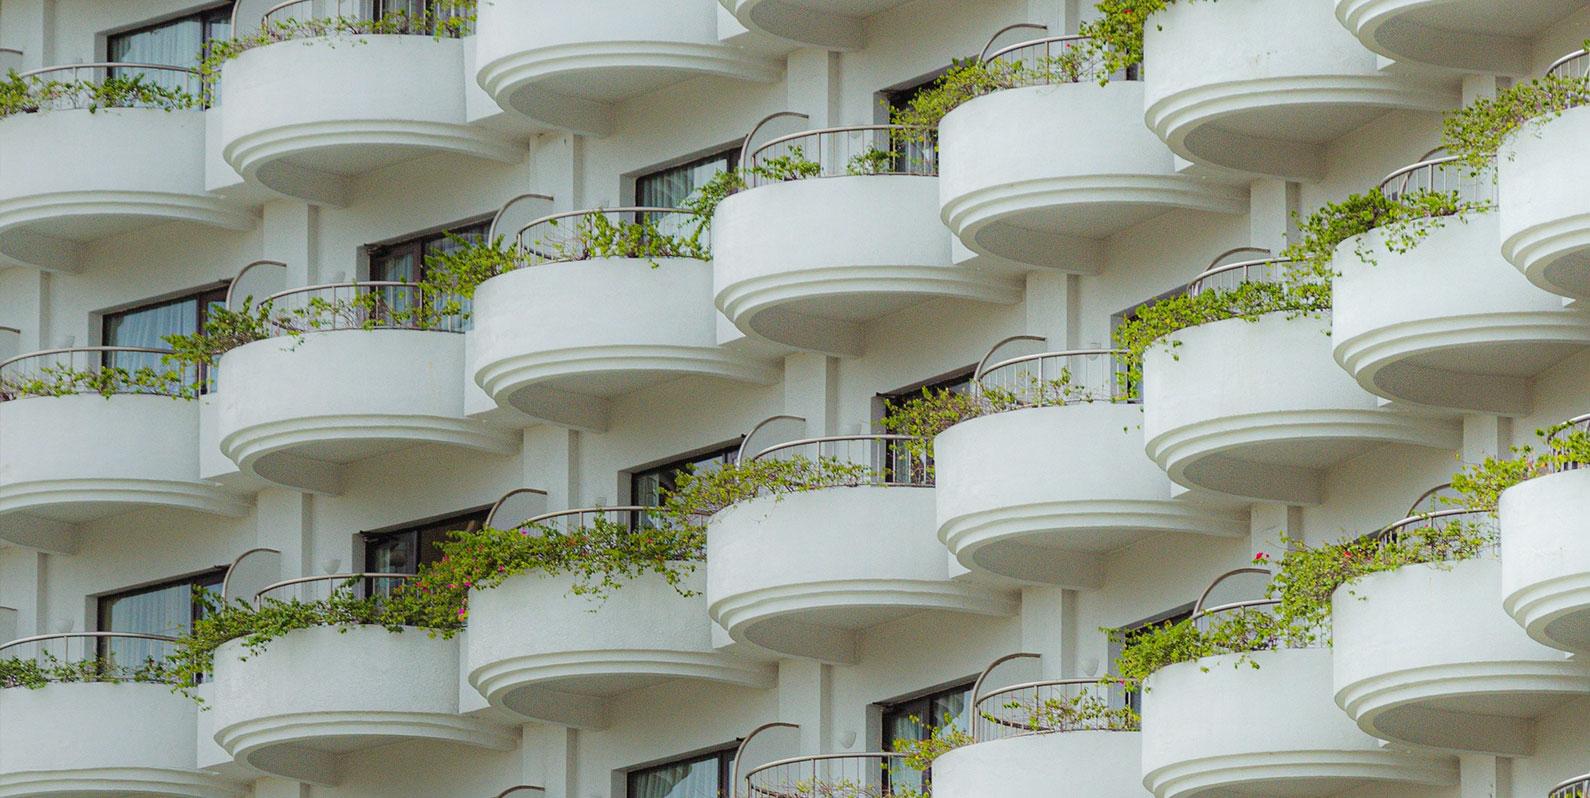 Da inovação urbana à criação de cidades mais inteligentes e sustentáveis